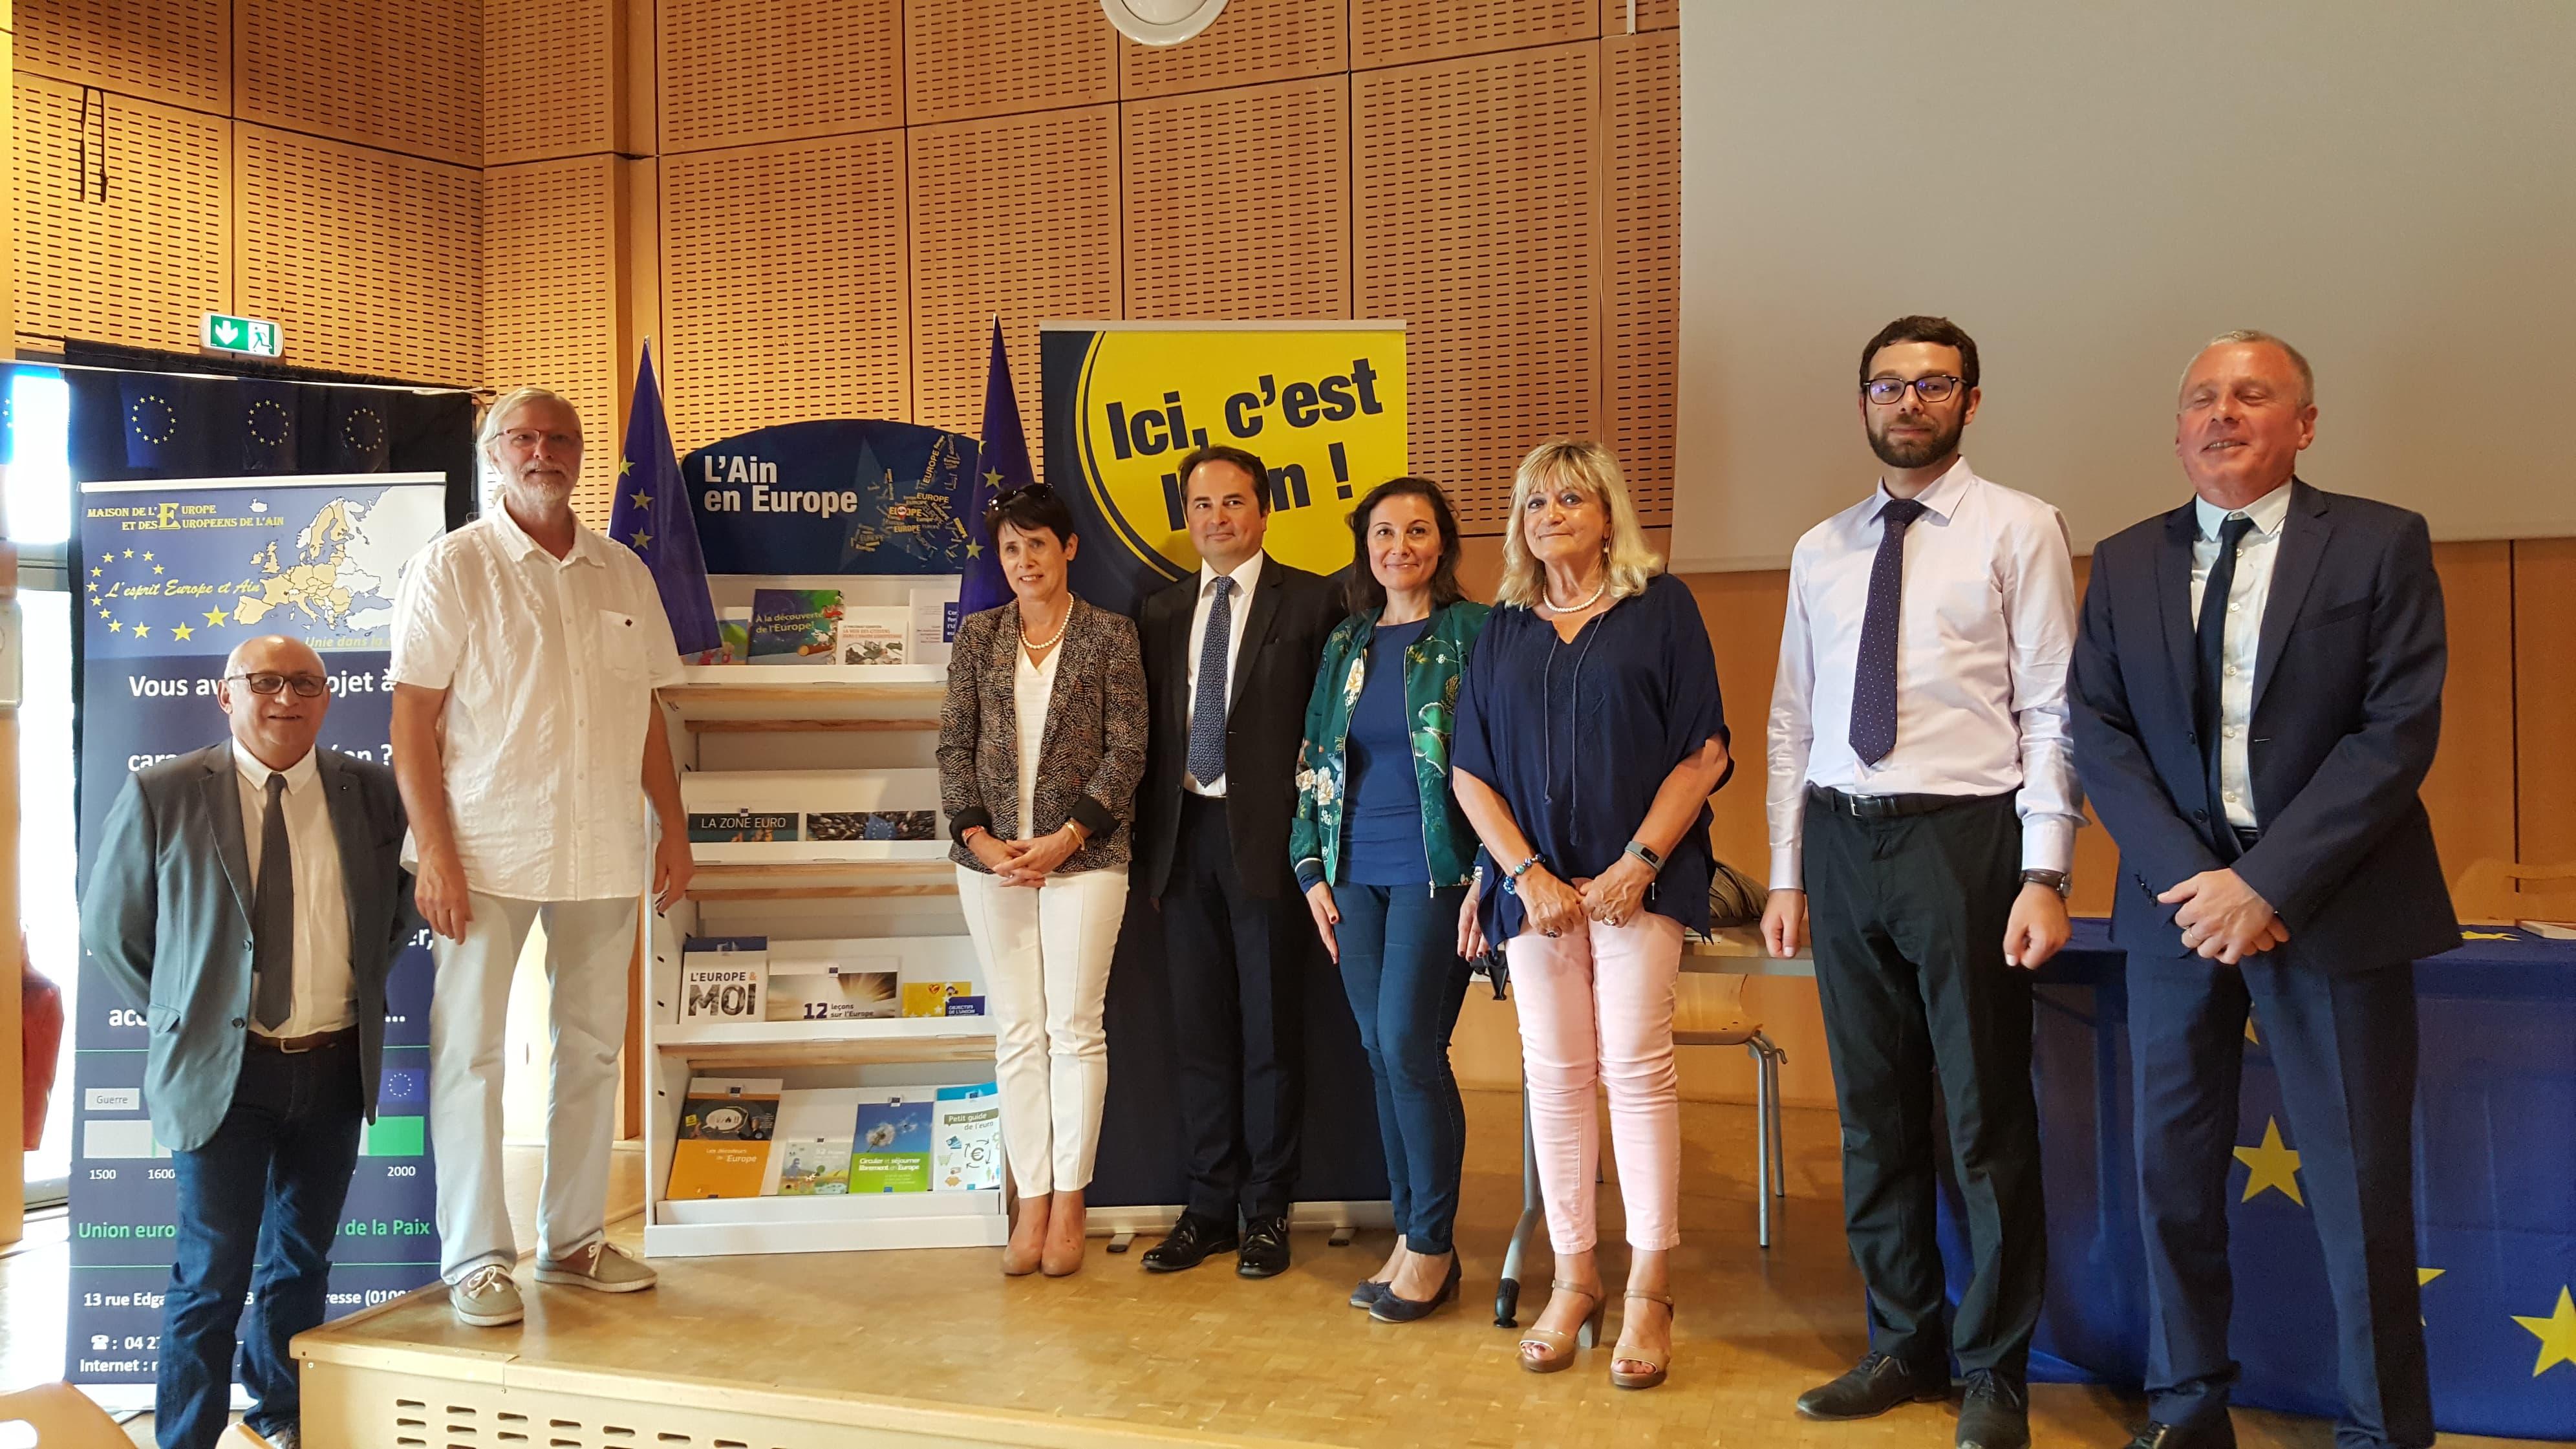 Inauguration Eurokiosque - Collège Victoire Daubié de Bourg-en-Bresse Kiosque à journaux européen, apprentissage de la citoyenneté Département de l'Ain, Union Européenne, Maison de l'Europe et des Européens de l'Ain